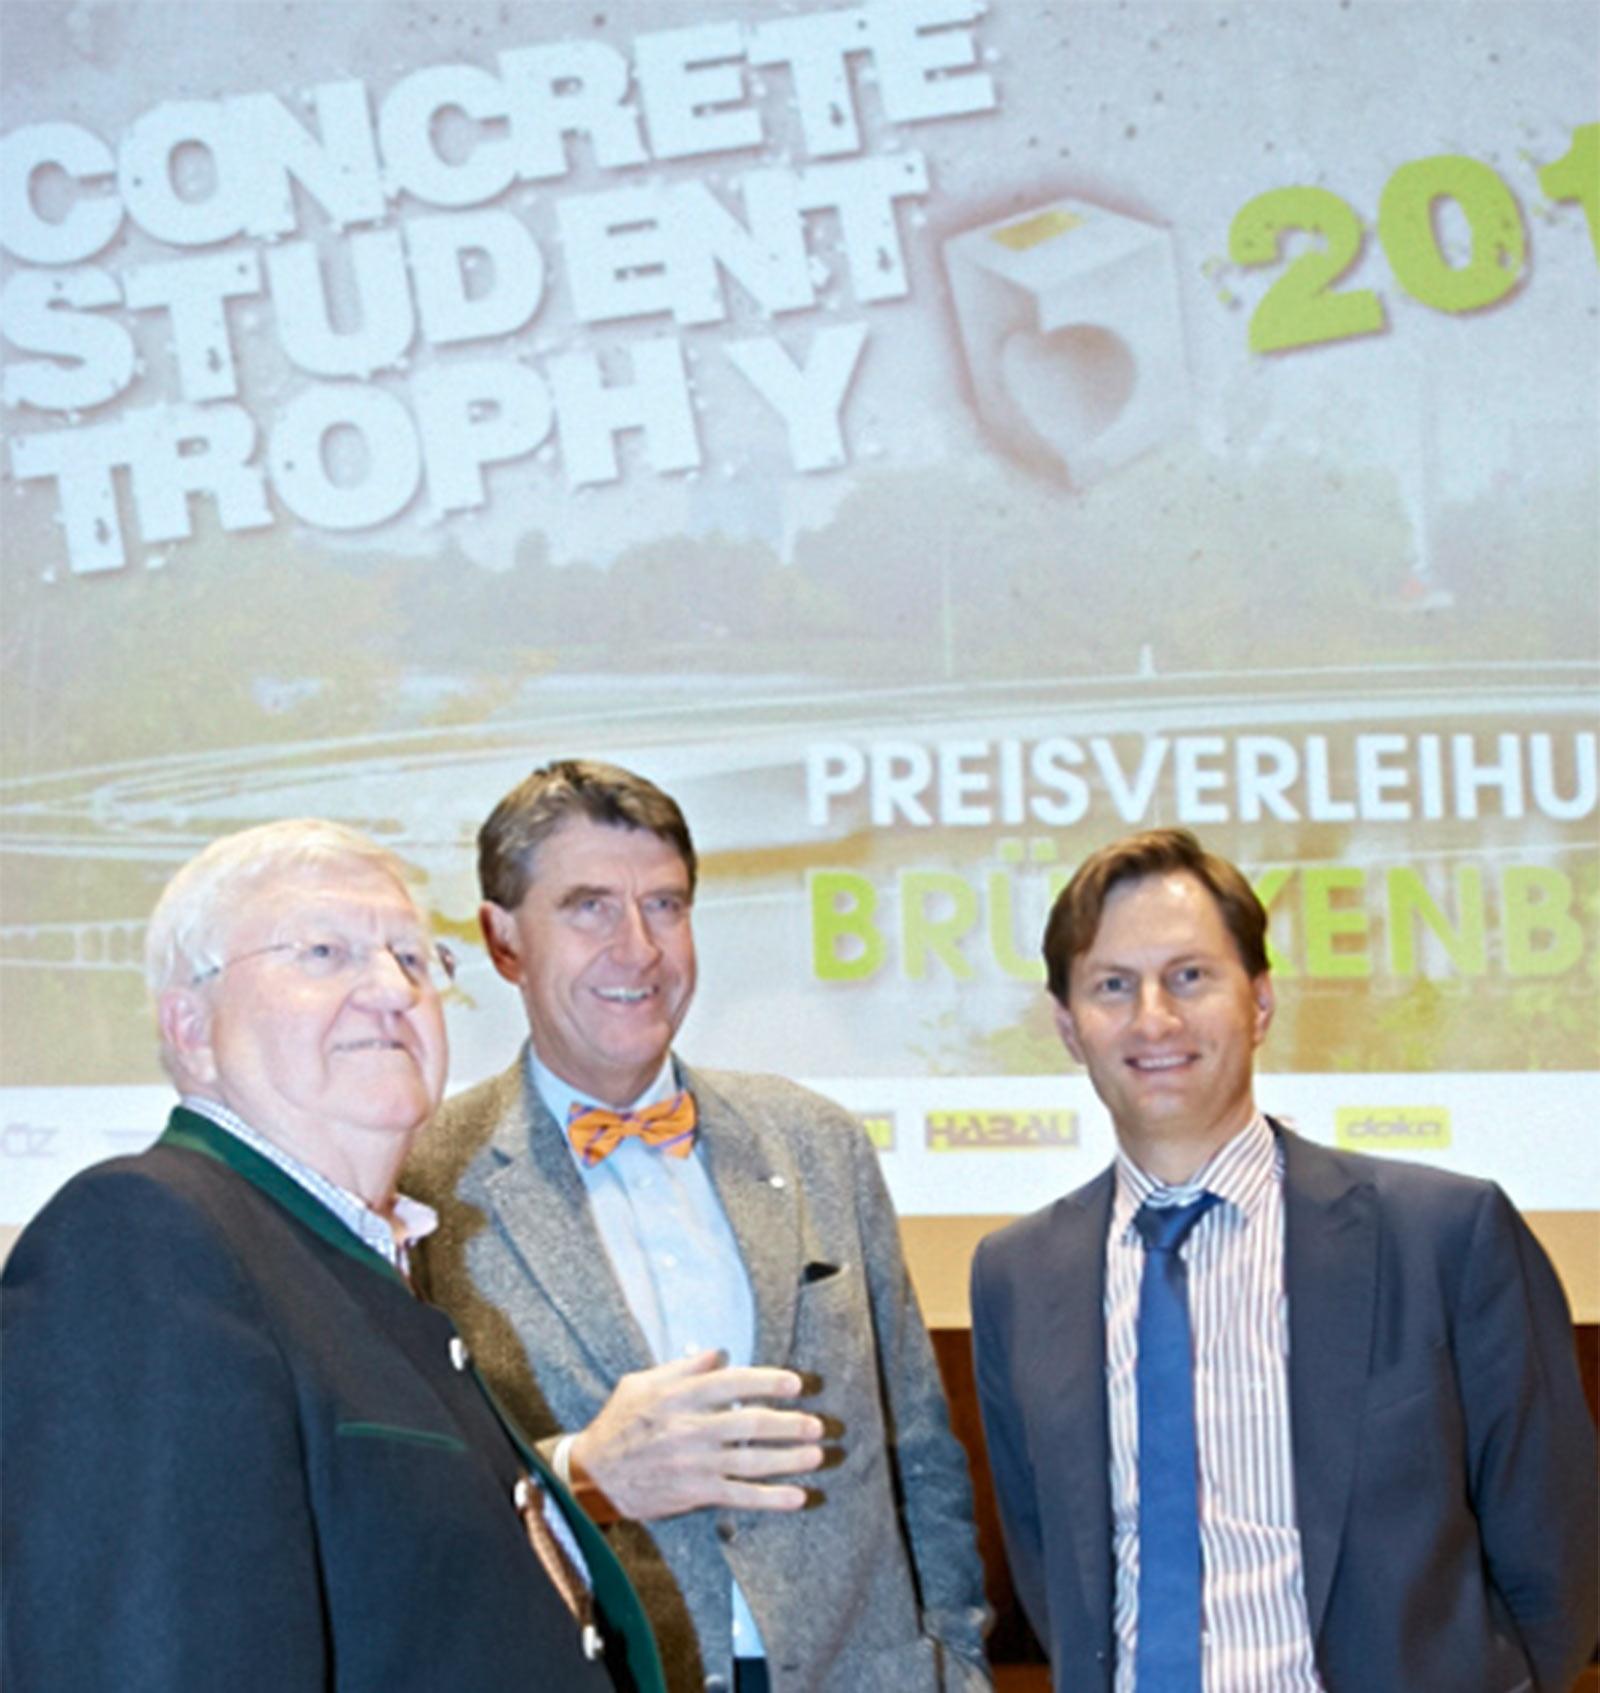 Die Initiatoren der Student Trophy DI Felix Friembichler (GF VÖZ i. R.), Prof. Christoph M. Achammer und DI Sebastian Spaun (GF VÖZ). Foto: Zement und Beton, T. Schwentner